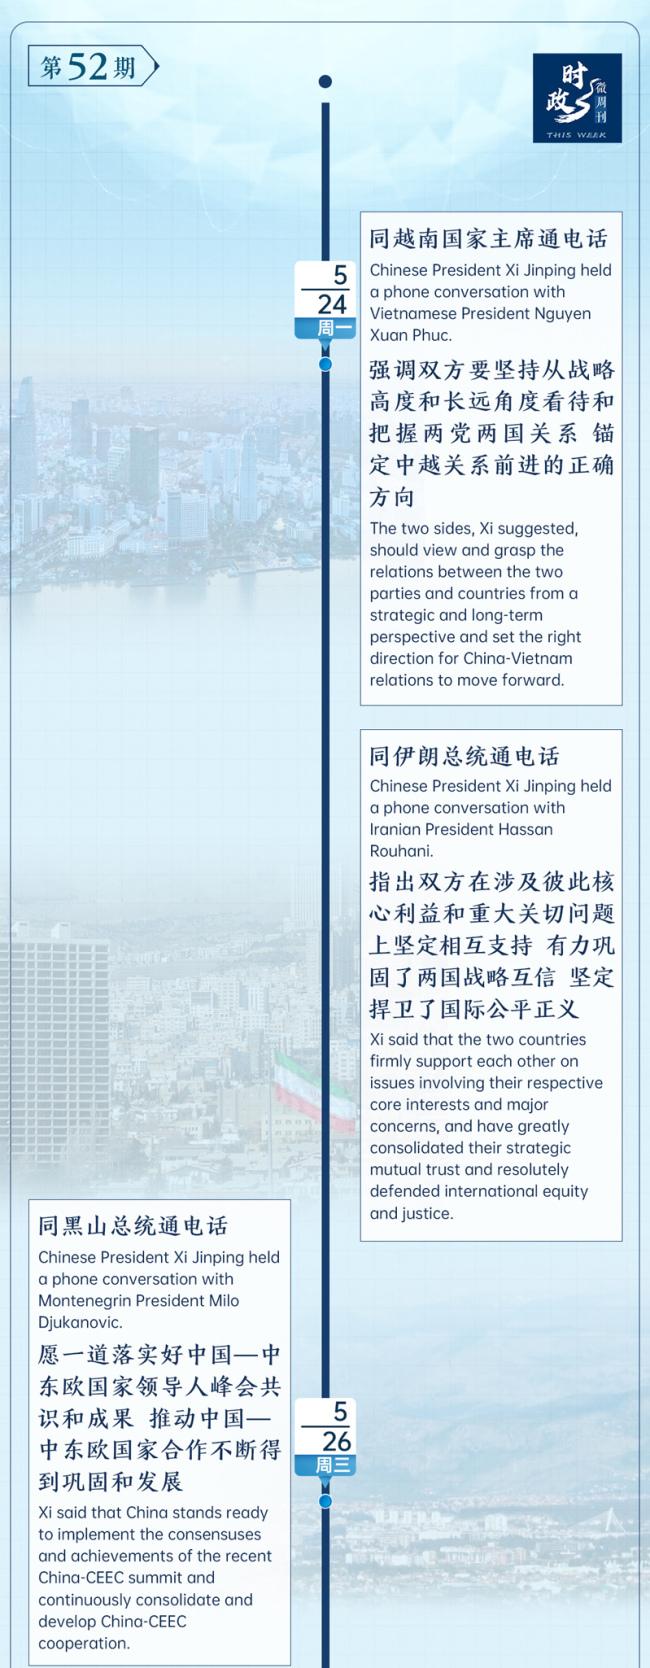 时政微周刊丨总书记的一周(5月24日—5月30日)